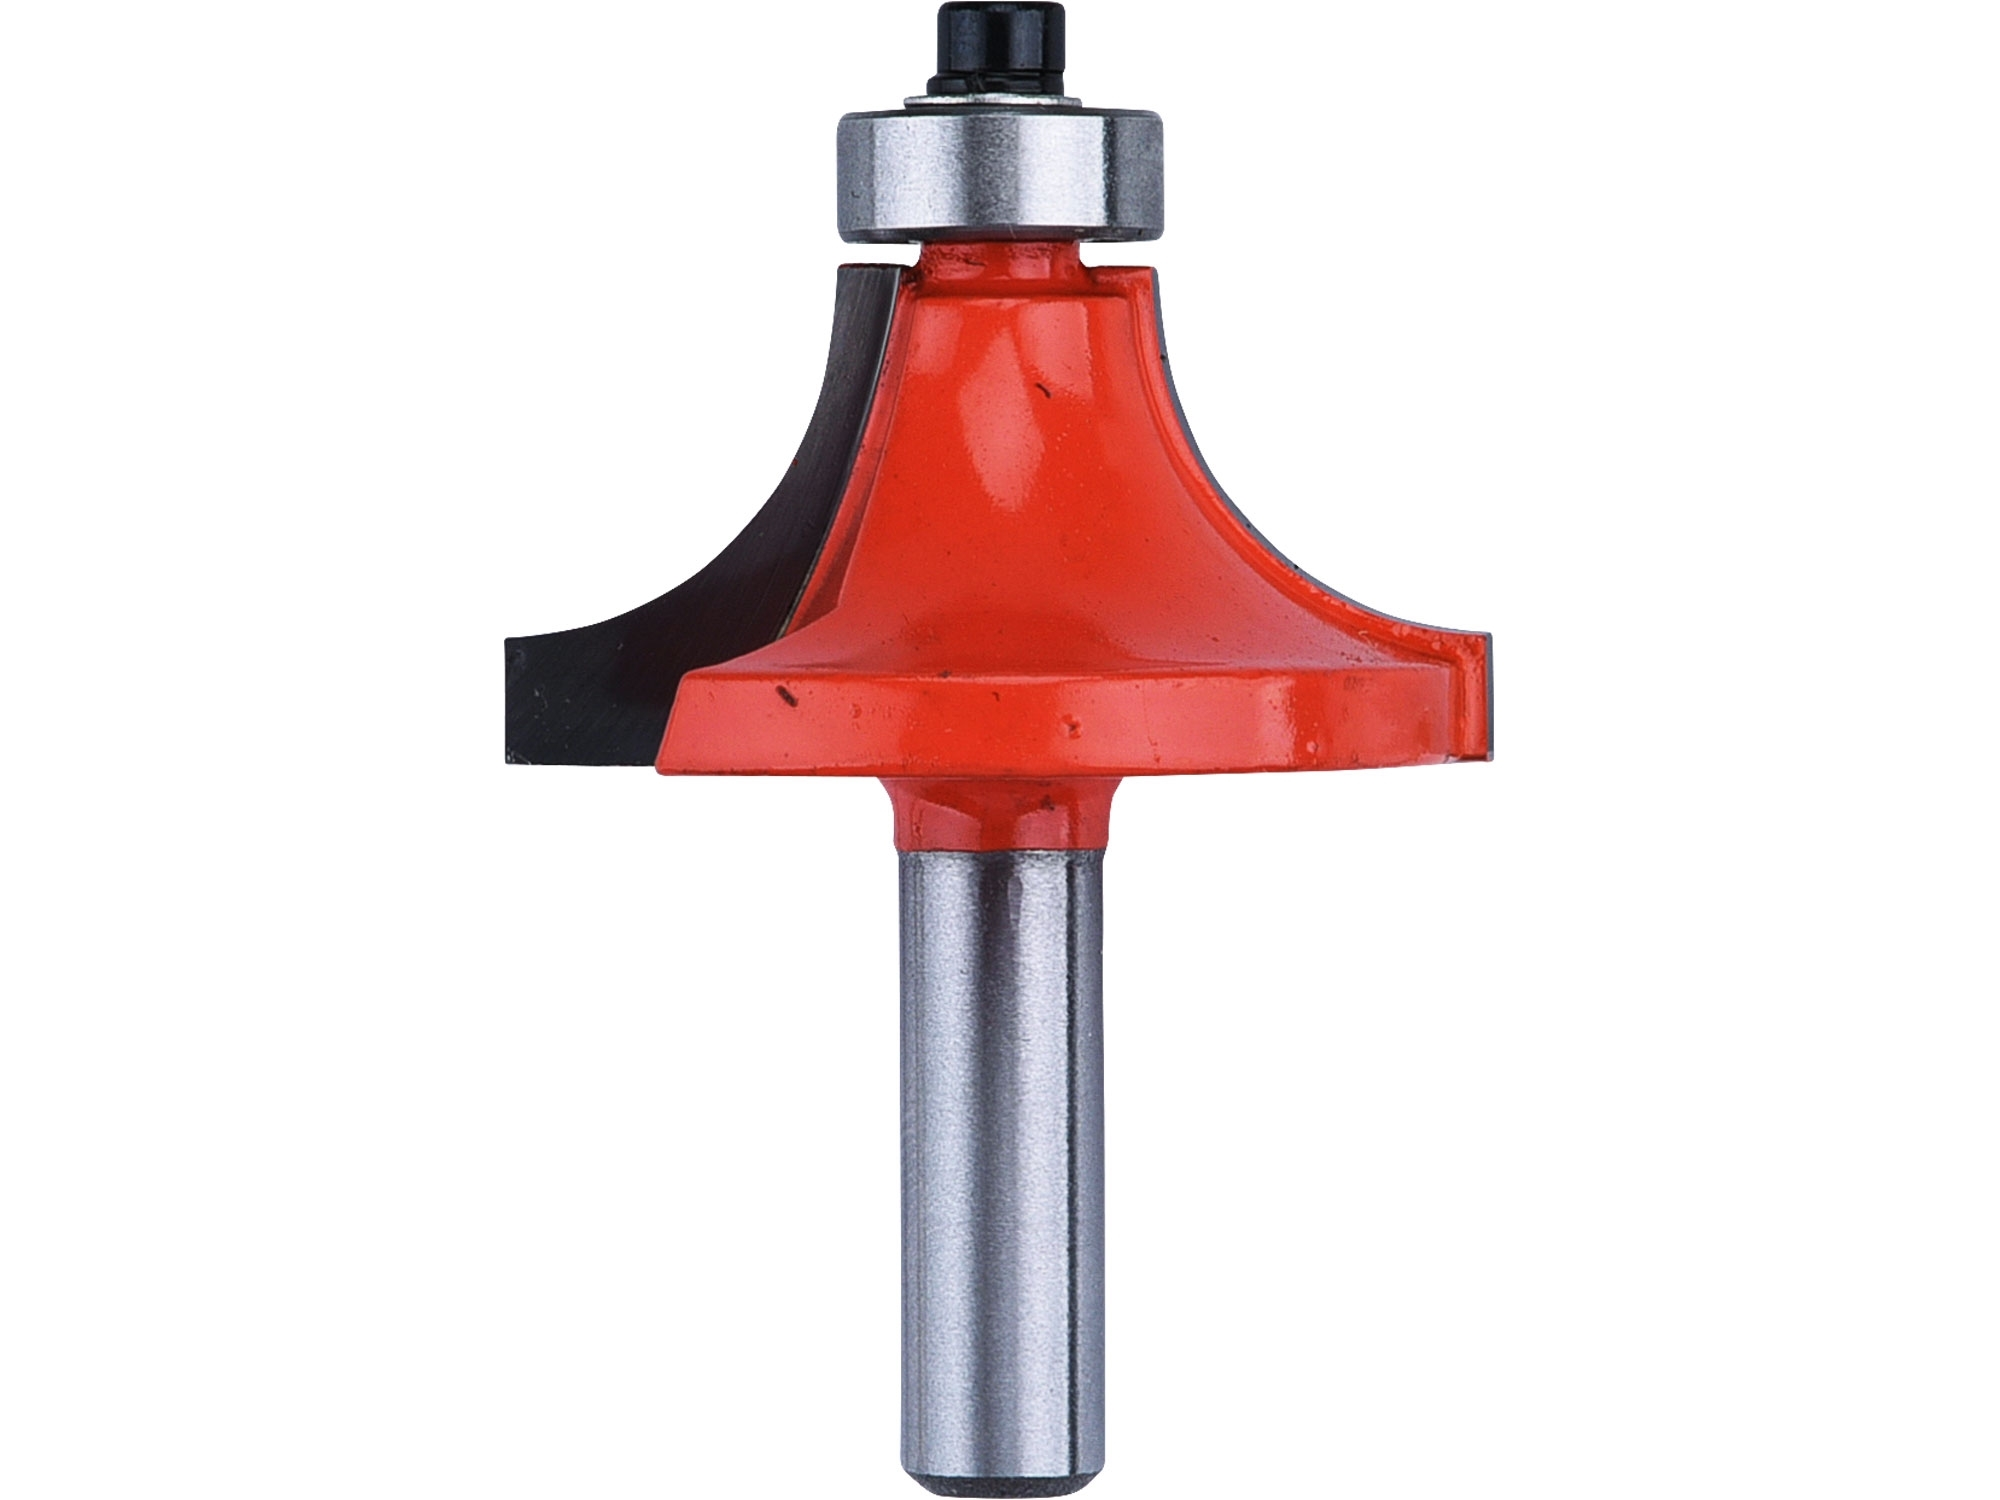 fréza zaoblovací (vydutá) do dřeva, R12,7 x D38,1 x H19; průměr stopky 8mm